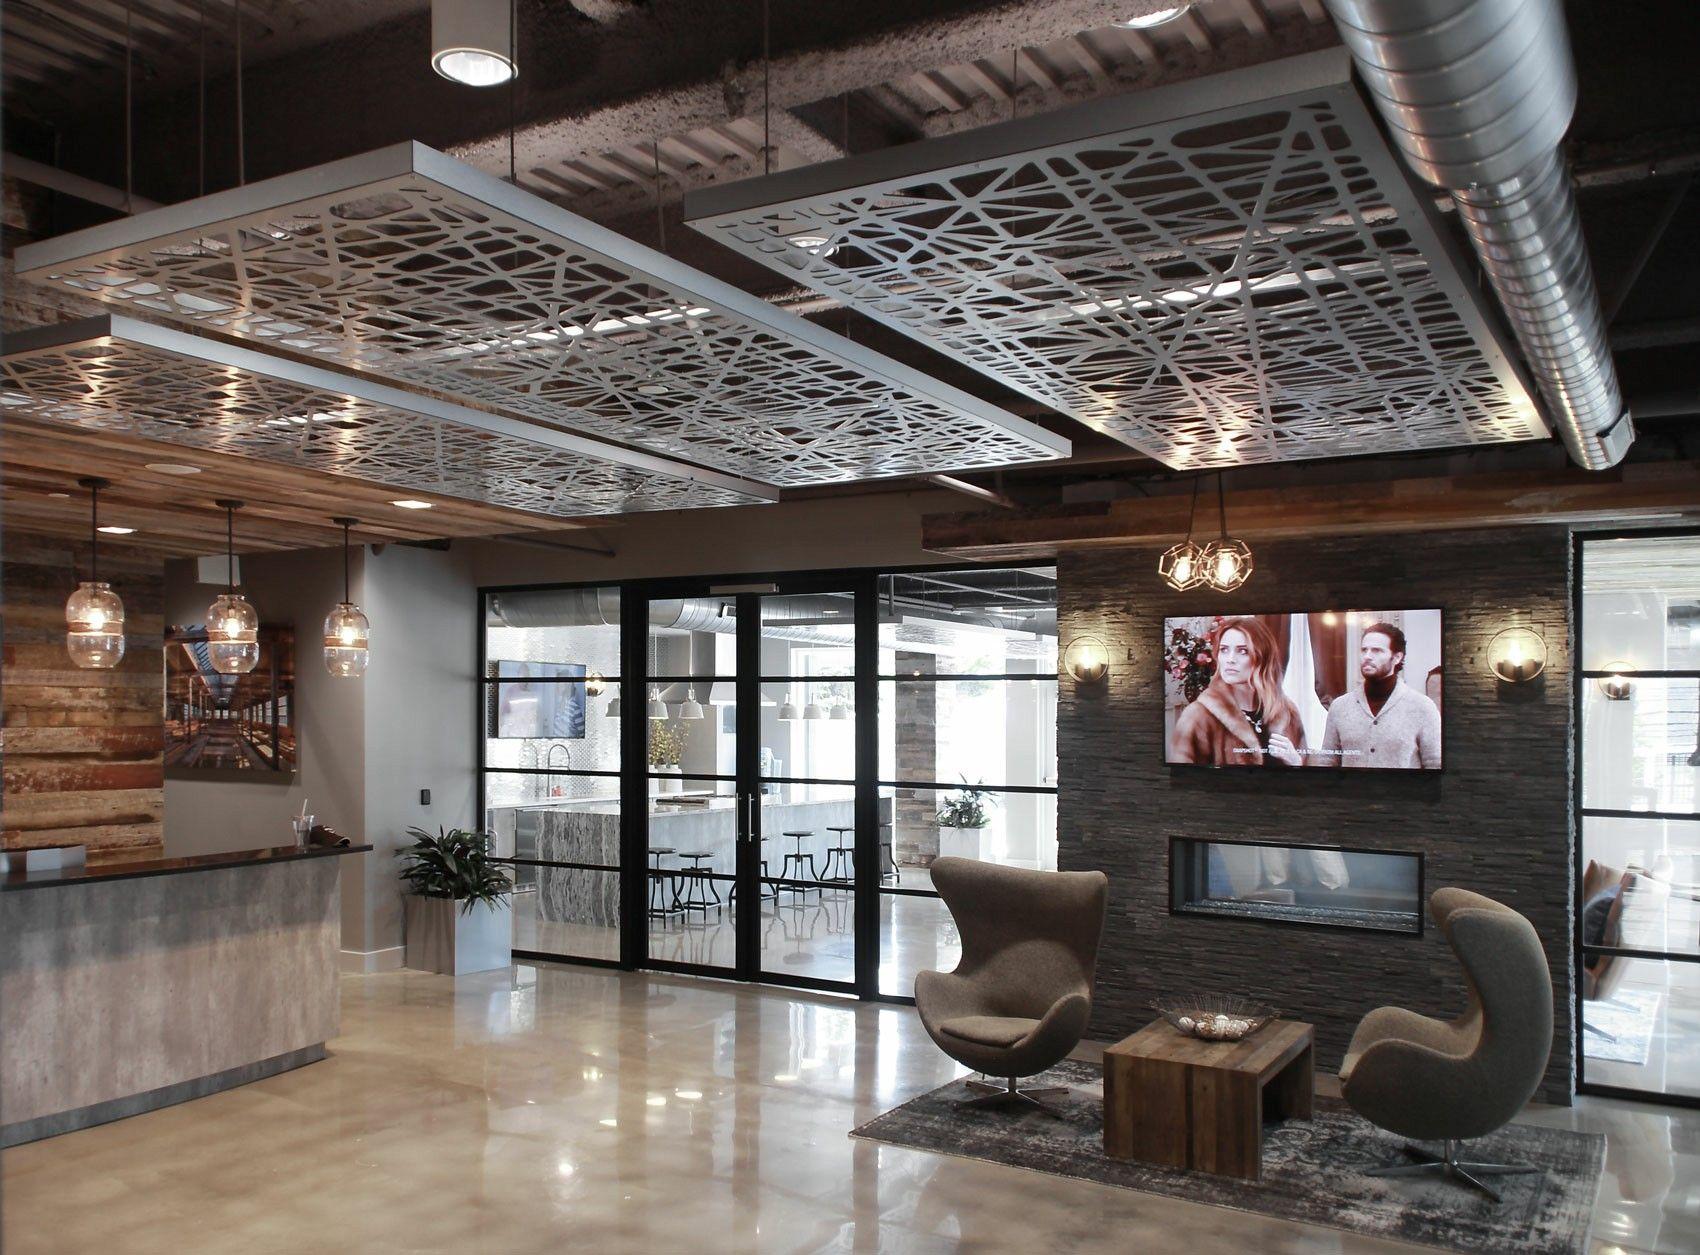 decorative by enhancement home deacon ceilings